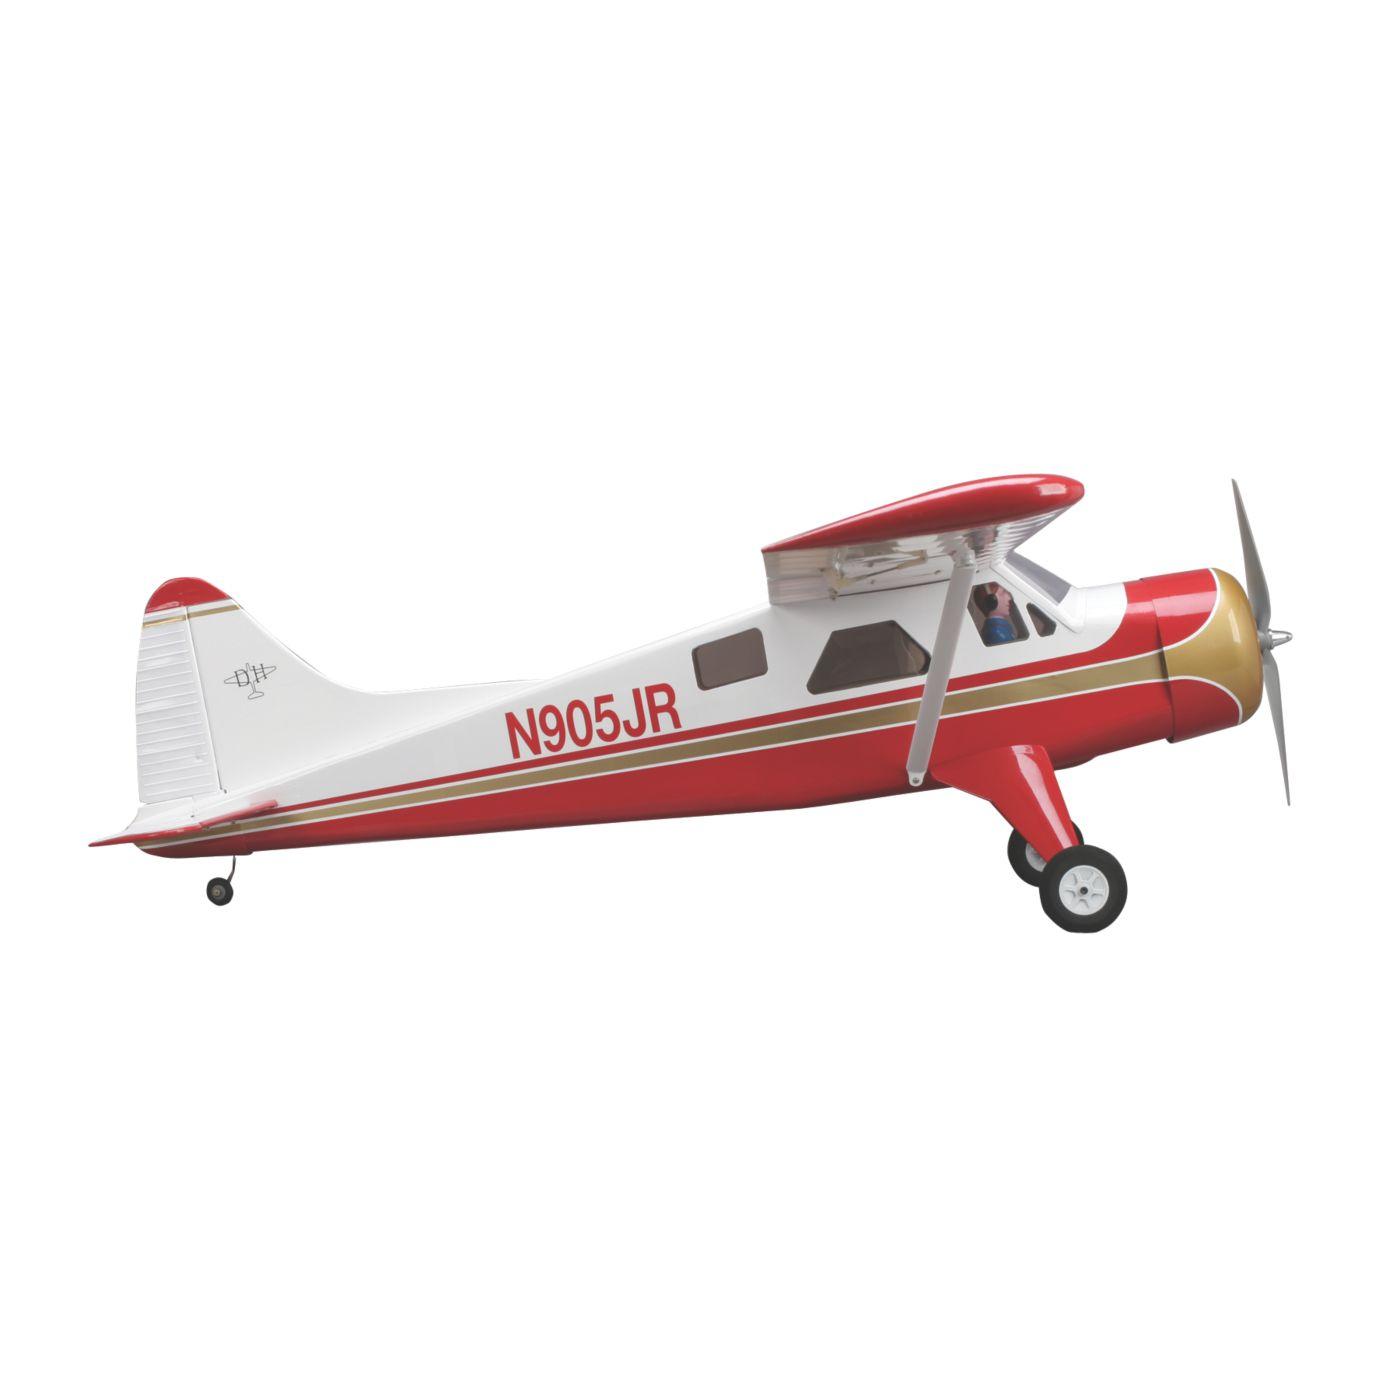 DHC-2 Beaver E-flite